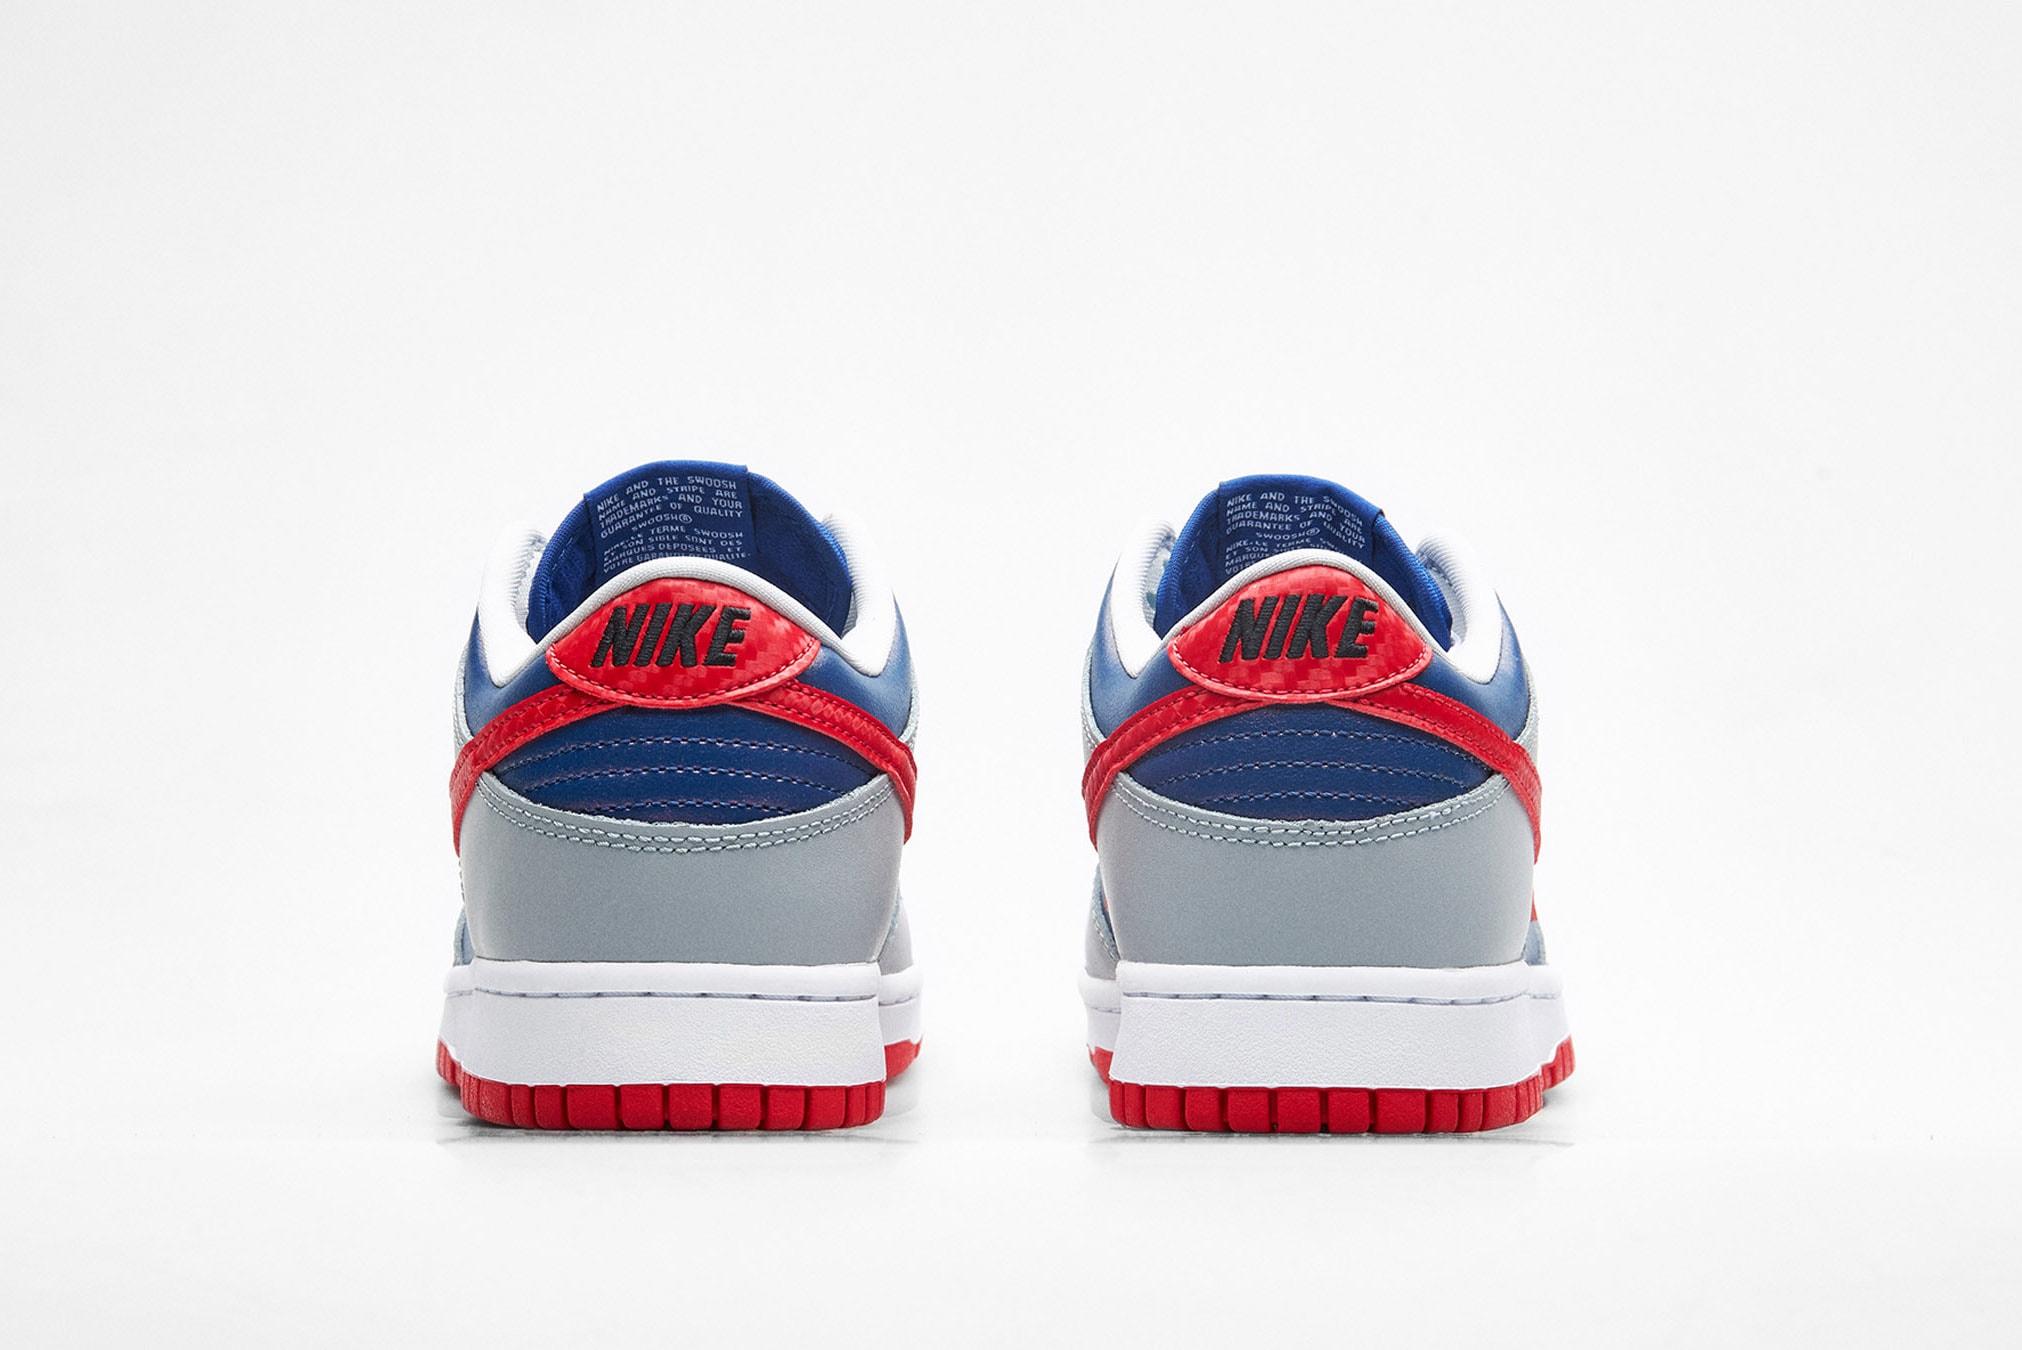 Nike Dunk Low SP - CZ2667-400